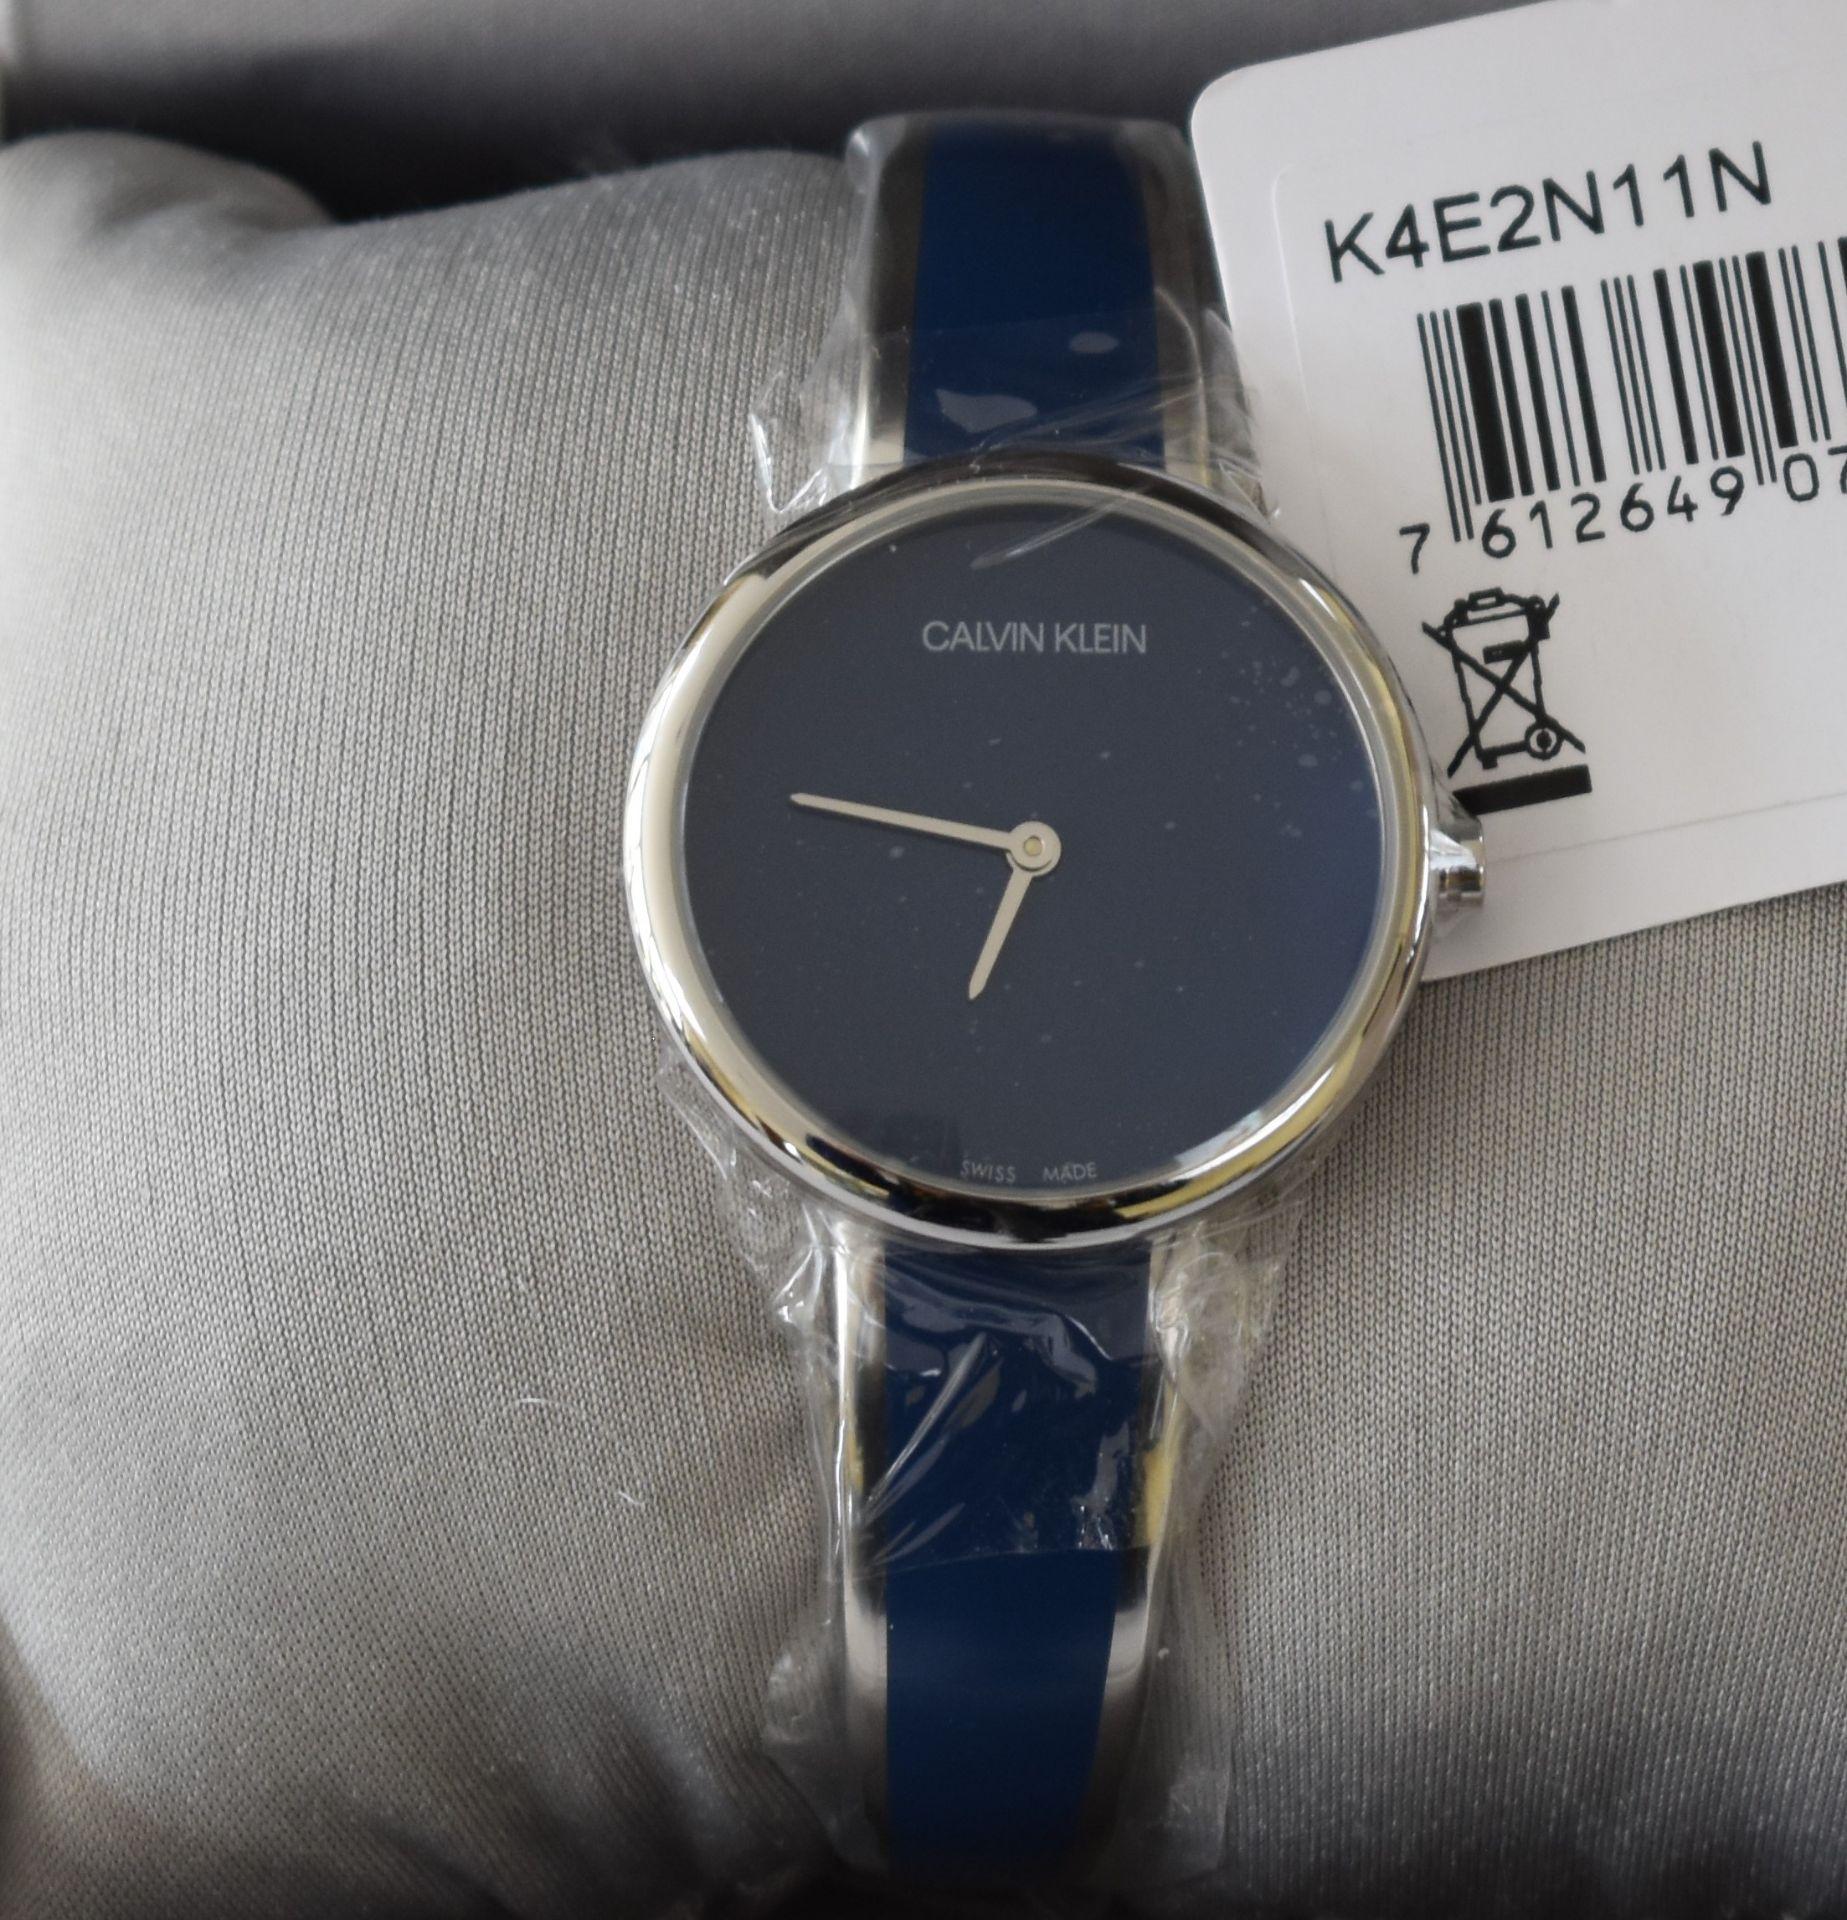 Calvin klein K4E2N11N Ladies Watch